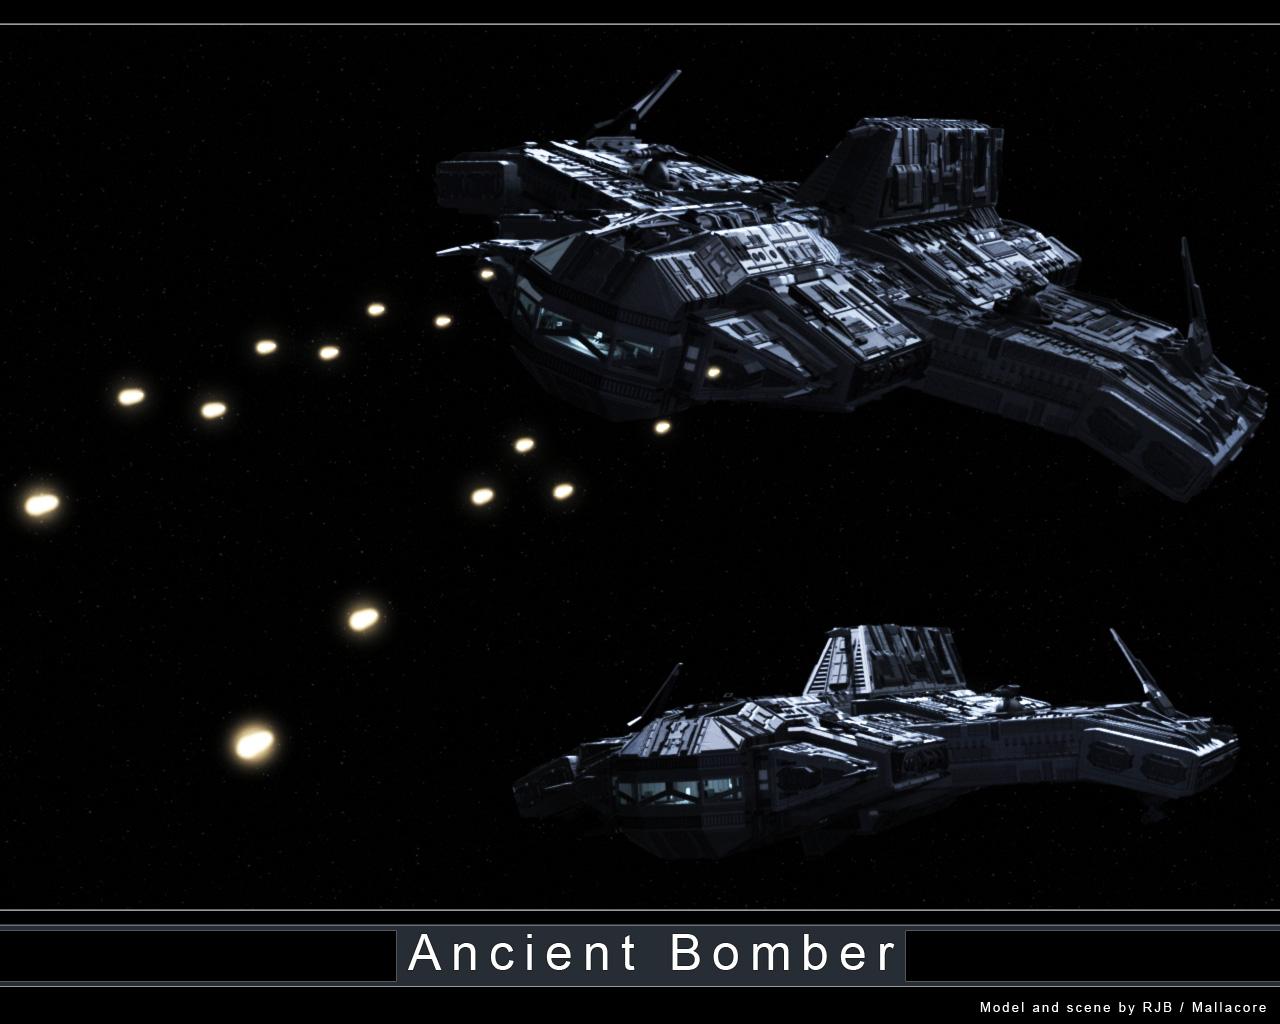 [idée acceptée]  bombardier ancien/lantien - Page 2 Ancient_Bomber_Contest_Scene_2_by_Mallacore